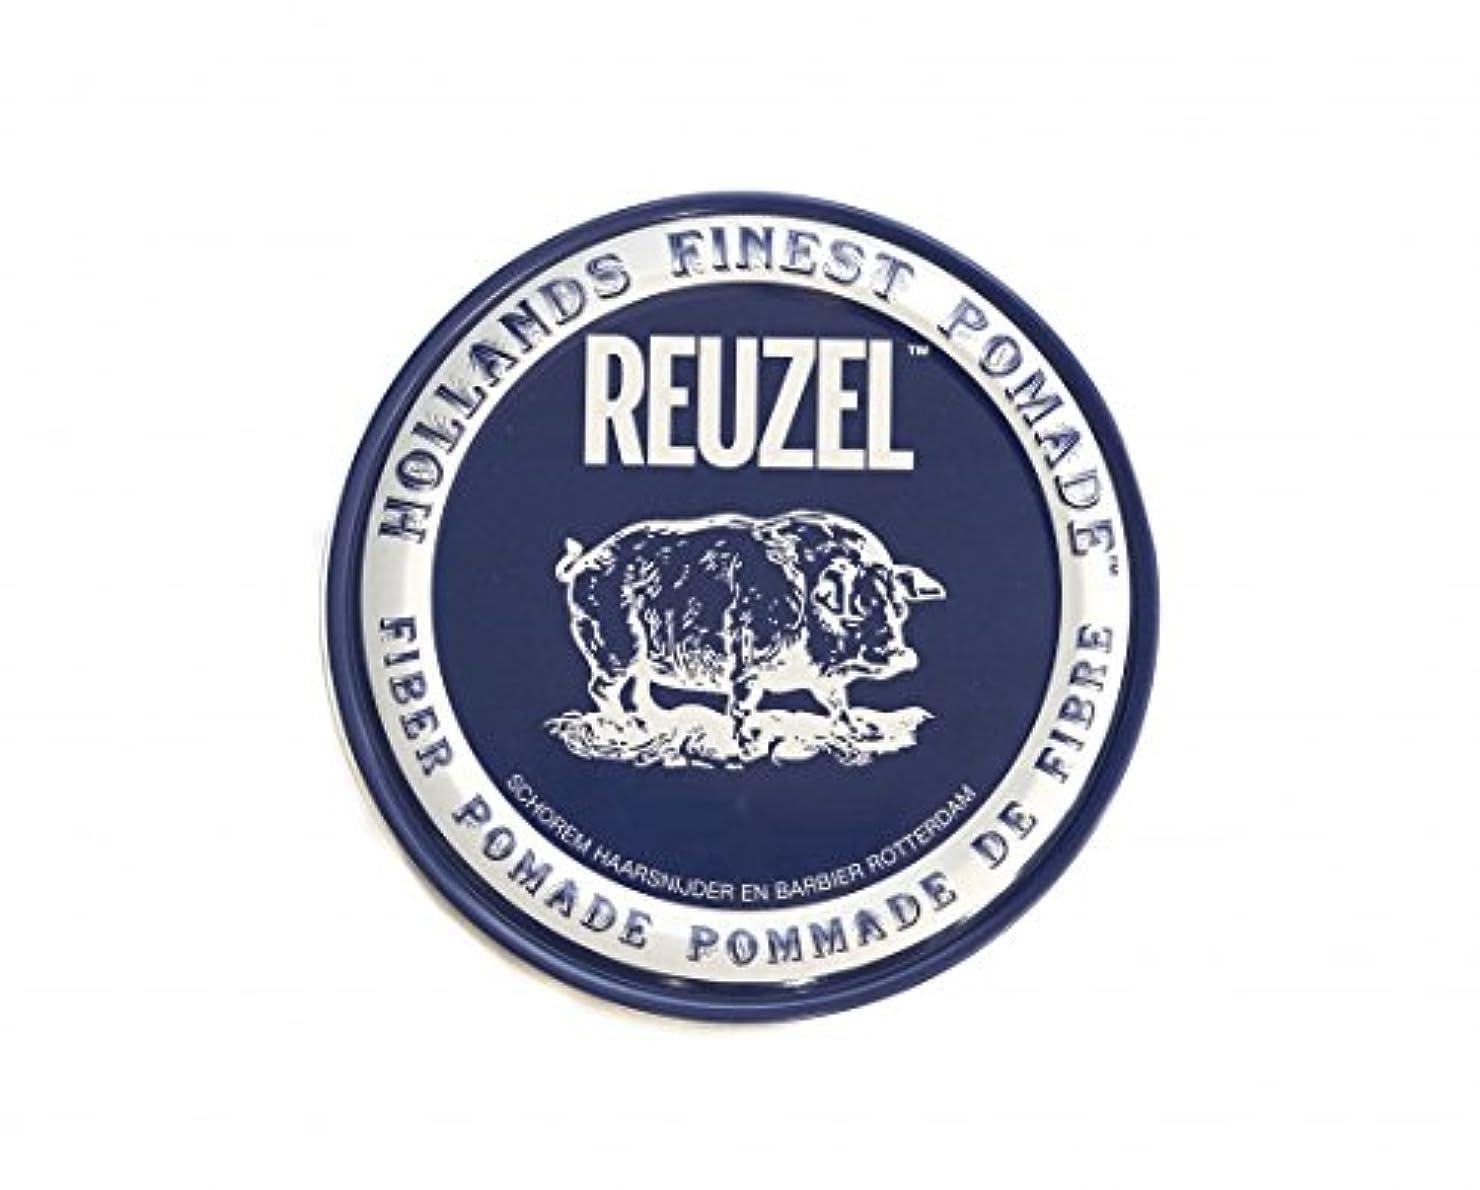 テーマ堤防ペアルーゾー REUZEL FIBER ファイバー ポマード ネイビー 340g